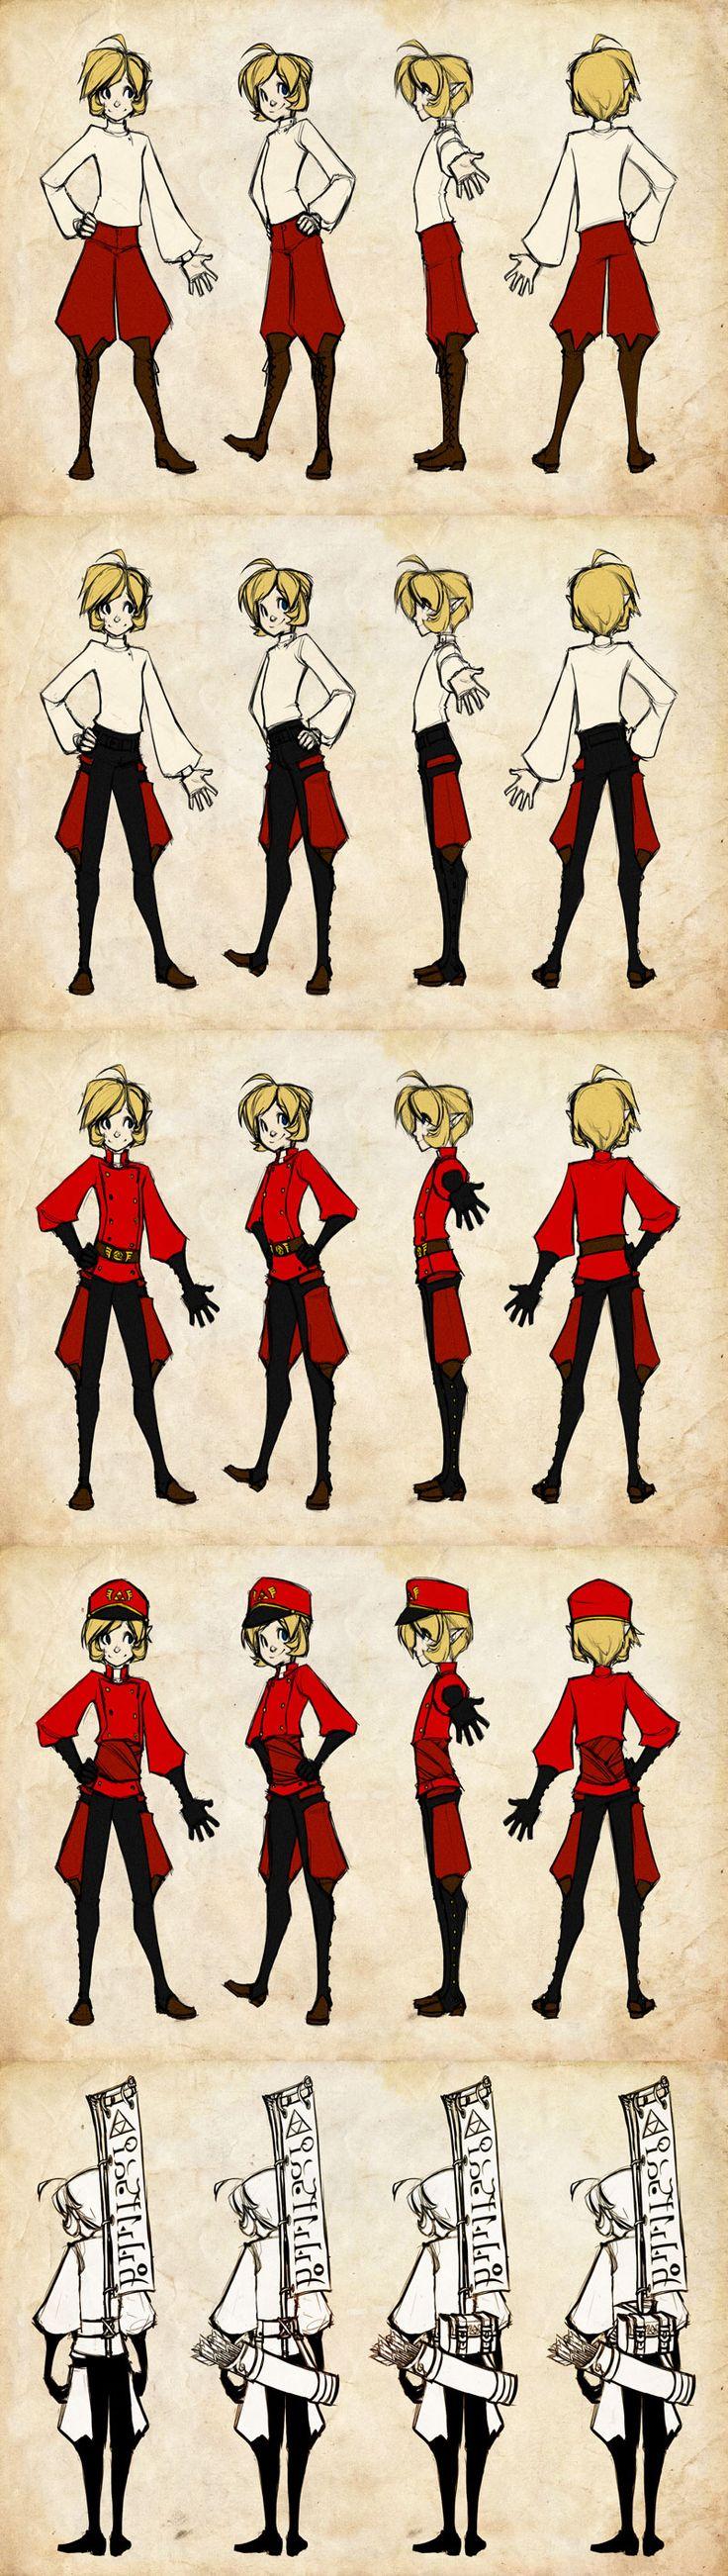 Child Link Messenger Uniform Reff by DemonRoad.deviantart.com on @deviantART HES SO ADORABLE!!!!